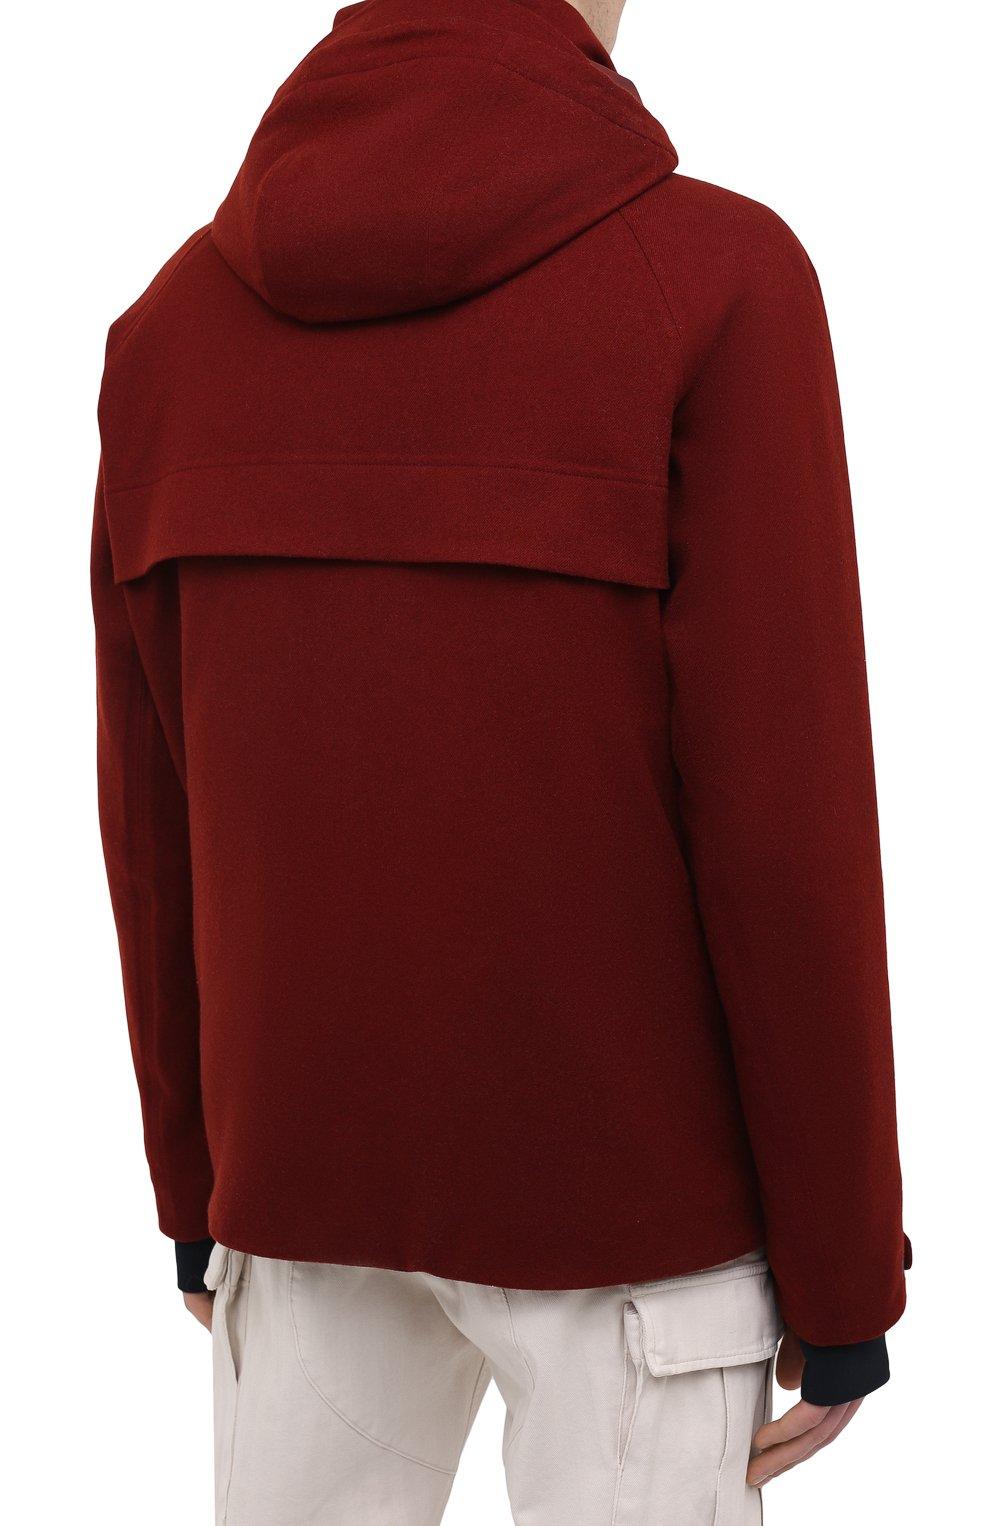 Мужская куртка из кашемира и шелка LORO PIANA бордового цвета, арт. FAI8953 | Фото 4 (Кросс-КТ: Куртка; Мужское Кросс-КТ: шерсть и кашемир; Материал внешний: Шерсть, Кашемир; Материал утеплителя: Шерсть; Рукава: Длинные; Длина (верхняя одежда): Короткие; Стили: Кэжуэл)